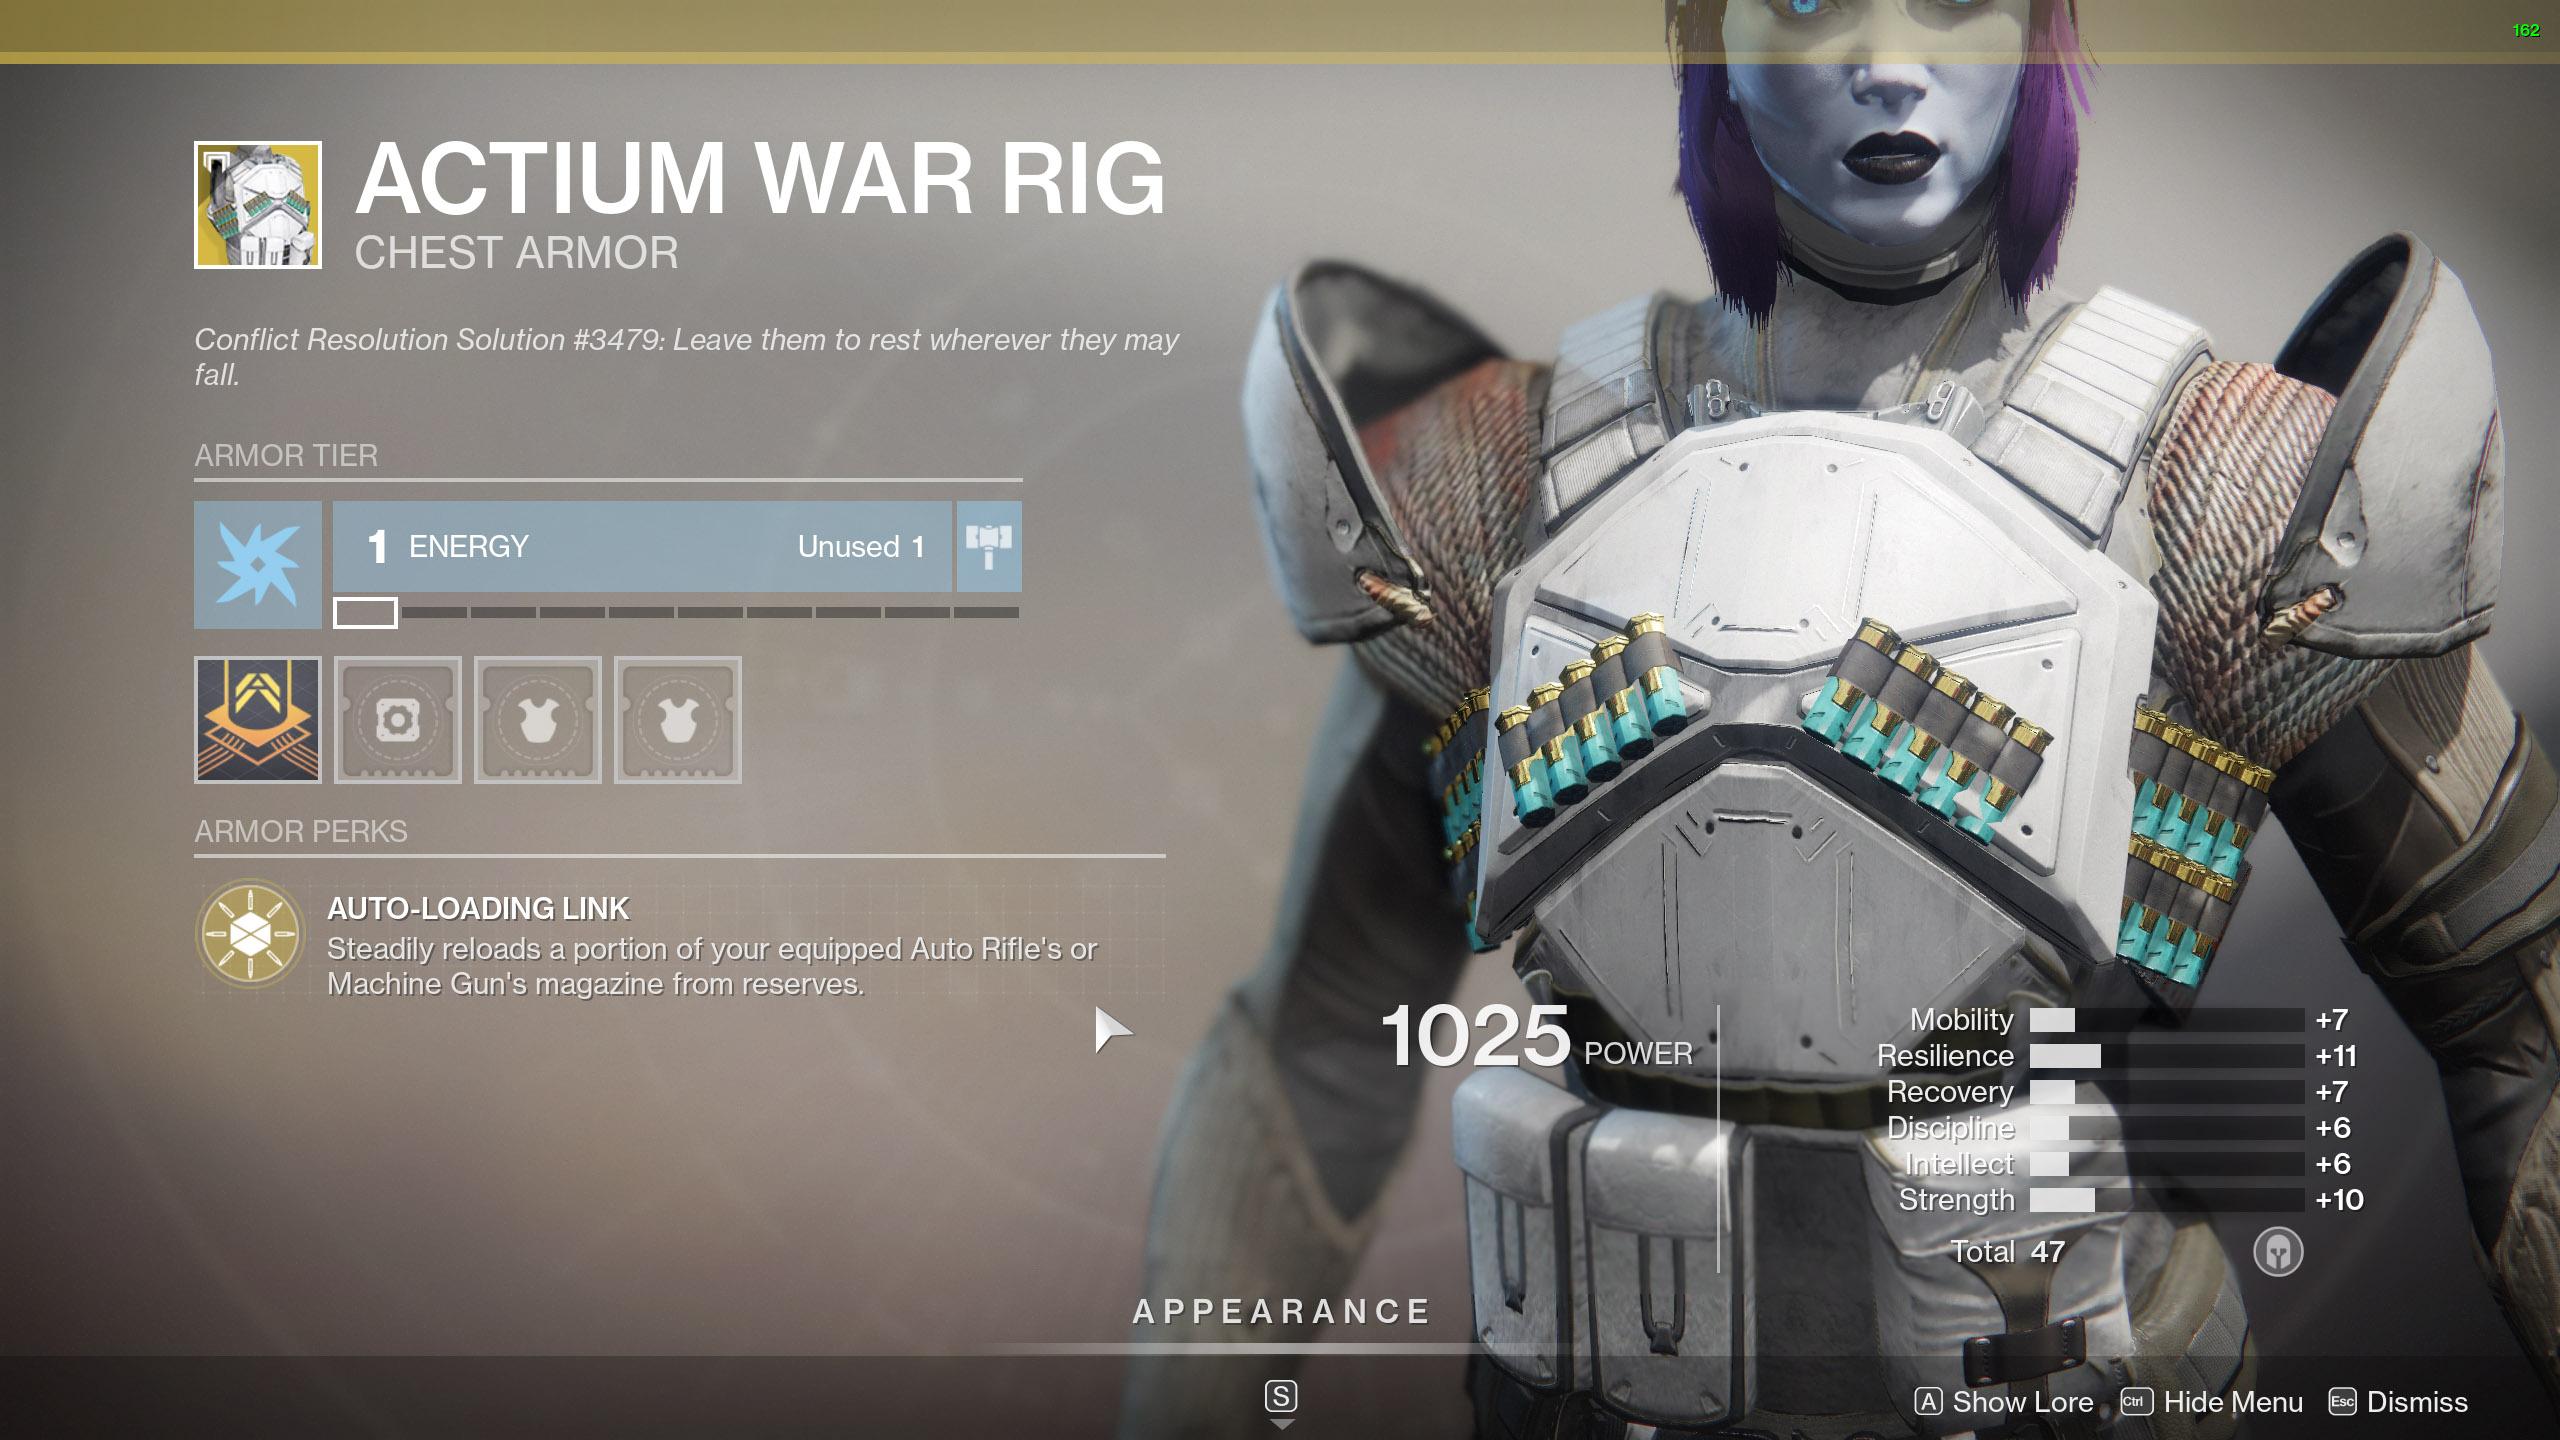 Destiny 2 Exotic Titan Armor Actium War Rig